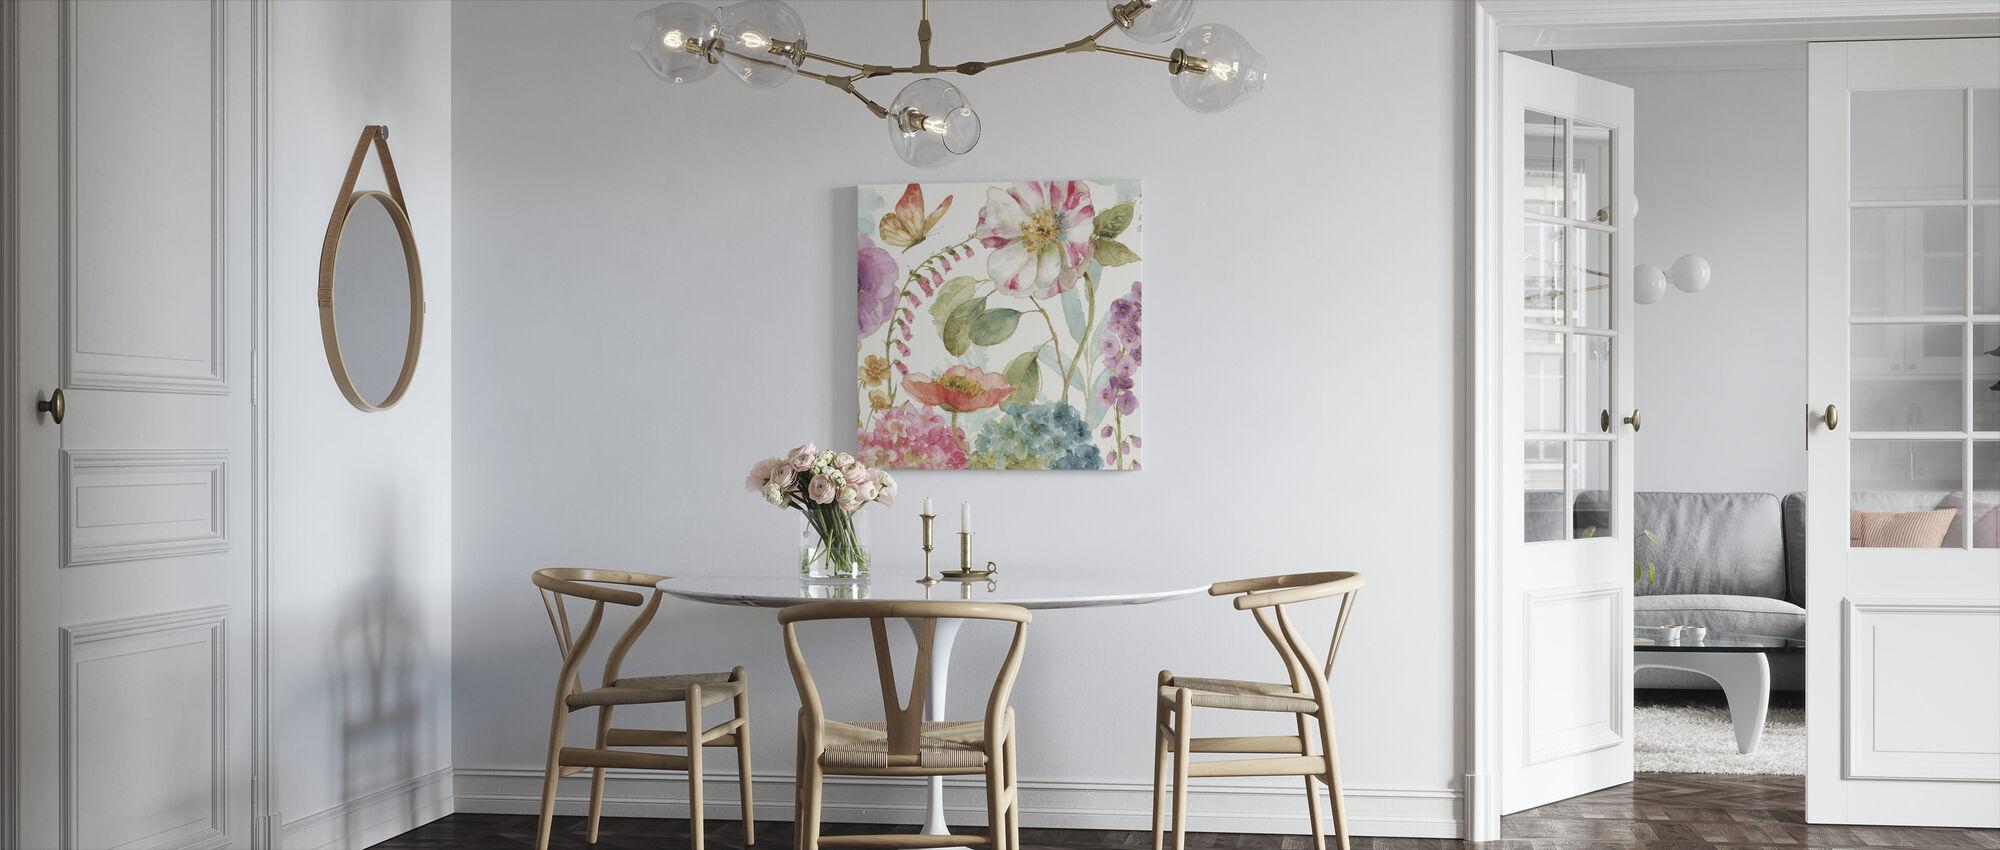 Garden Delight 2 - Canvas print - Kitchen